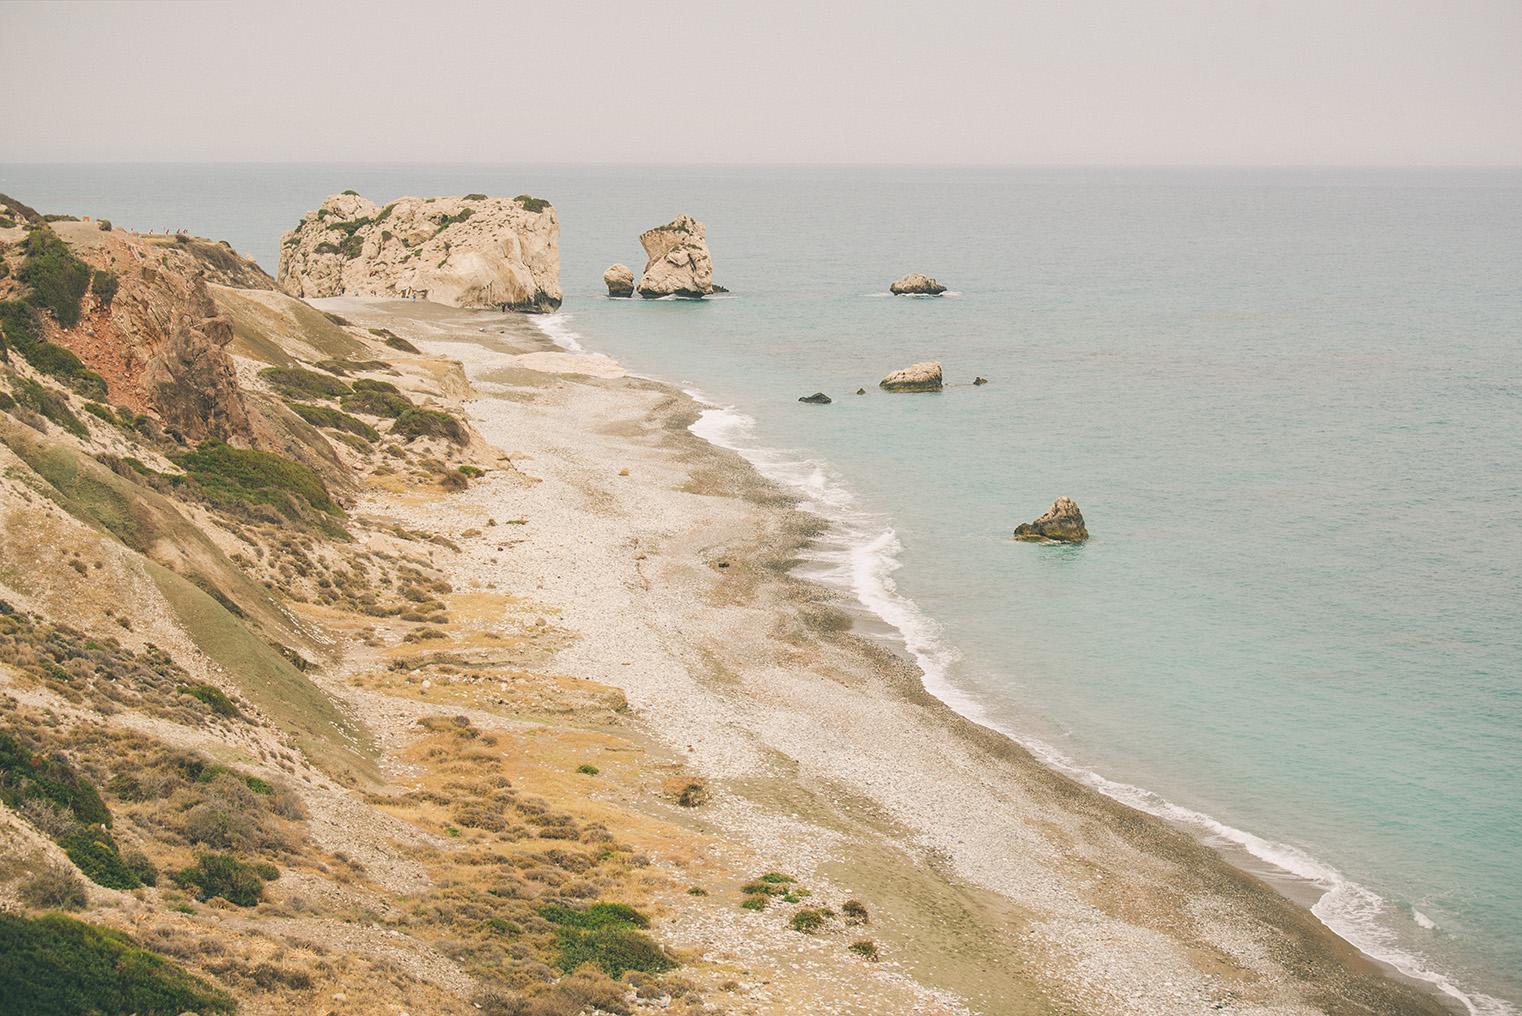 02a.Skala Afrodyty - kamienista plaza - Cypr z dzieckiem